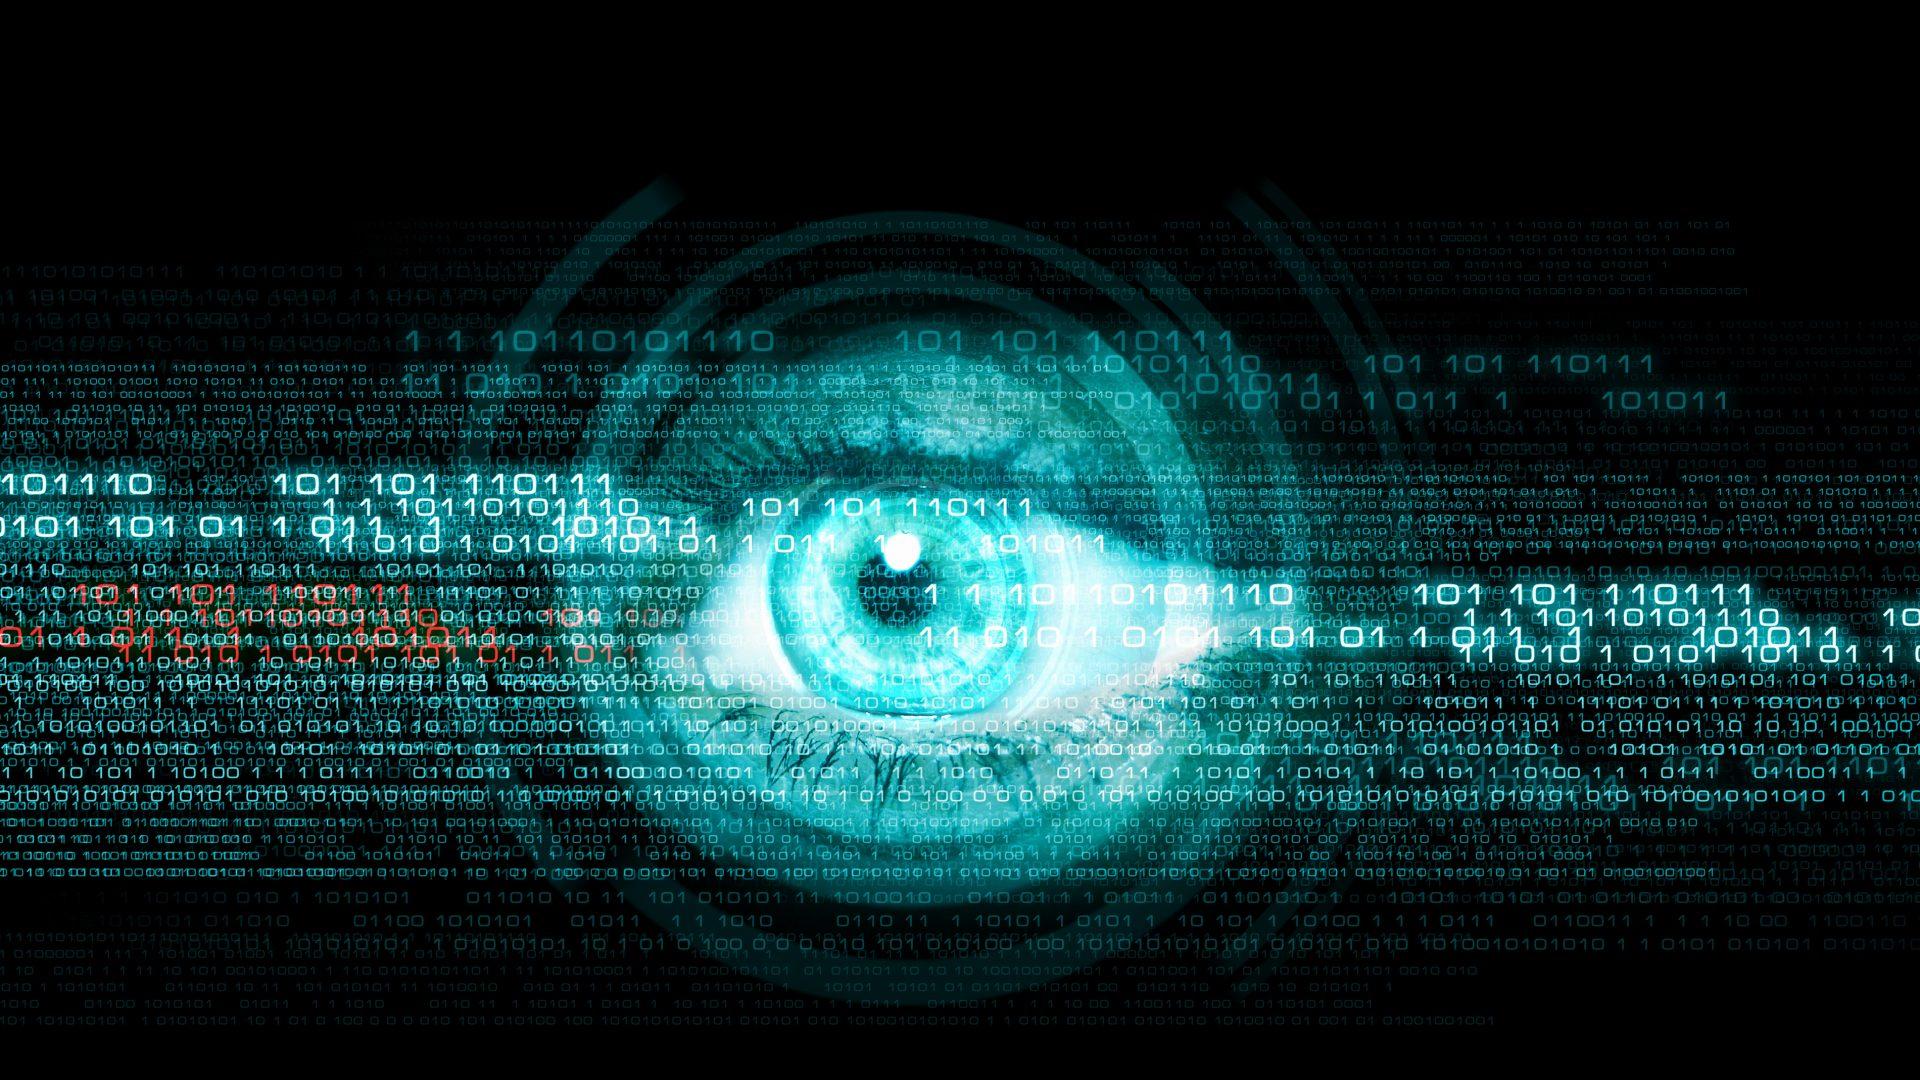 Bedrohung aus dem Internet – Schützen Sie Ihren digitalen Nachlass